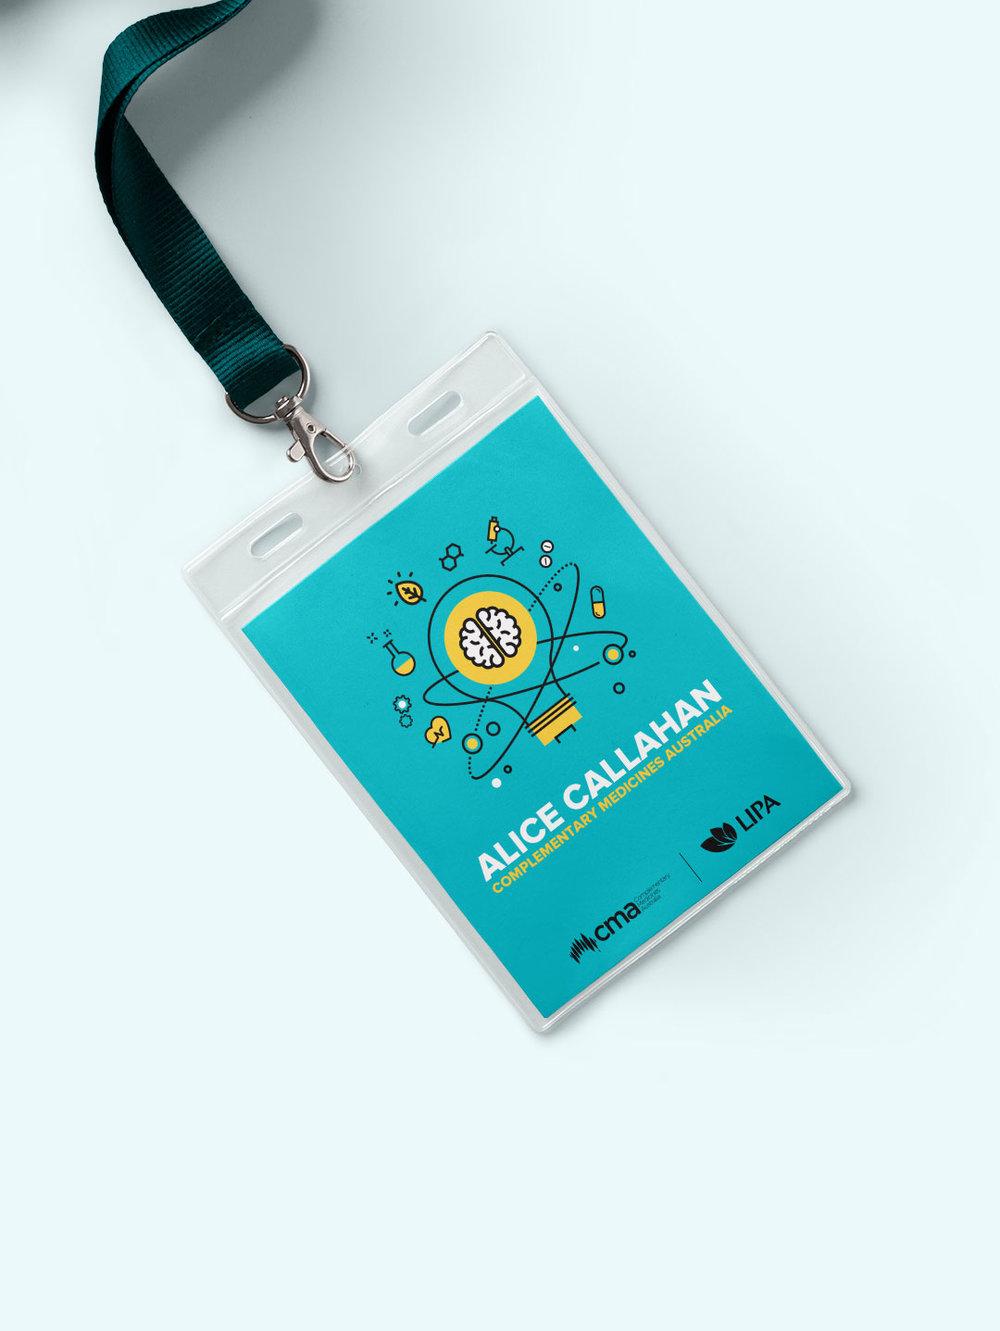 Event branding design - CMA Name tag